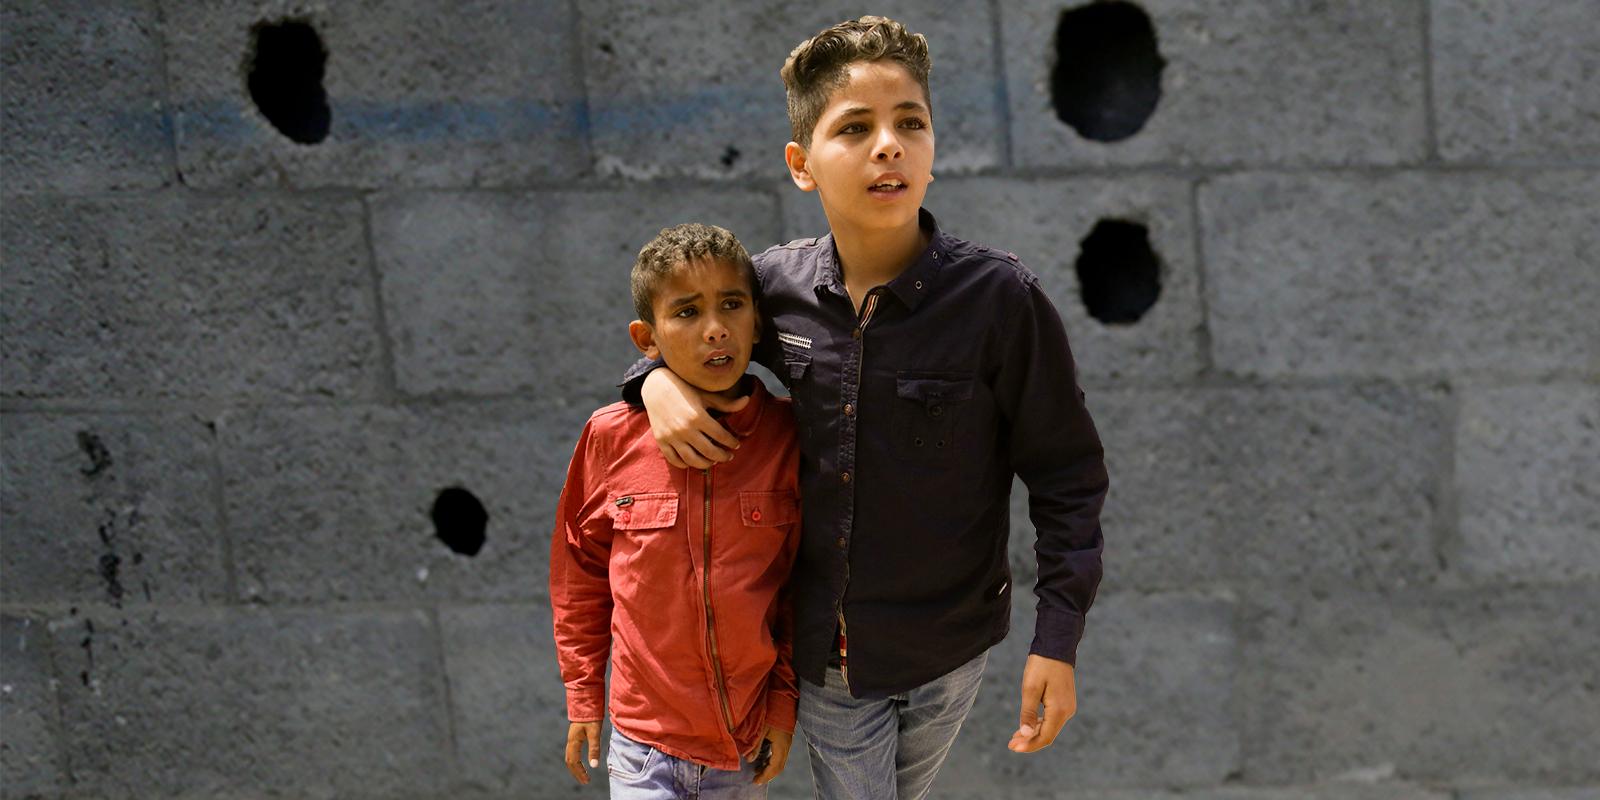 Soutenons les orphelins de Gaza